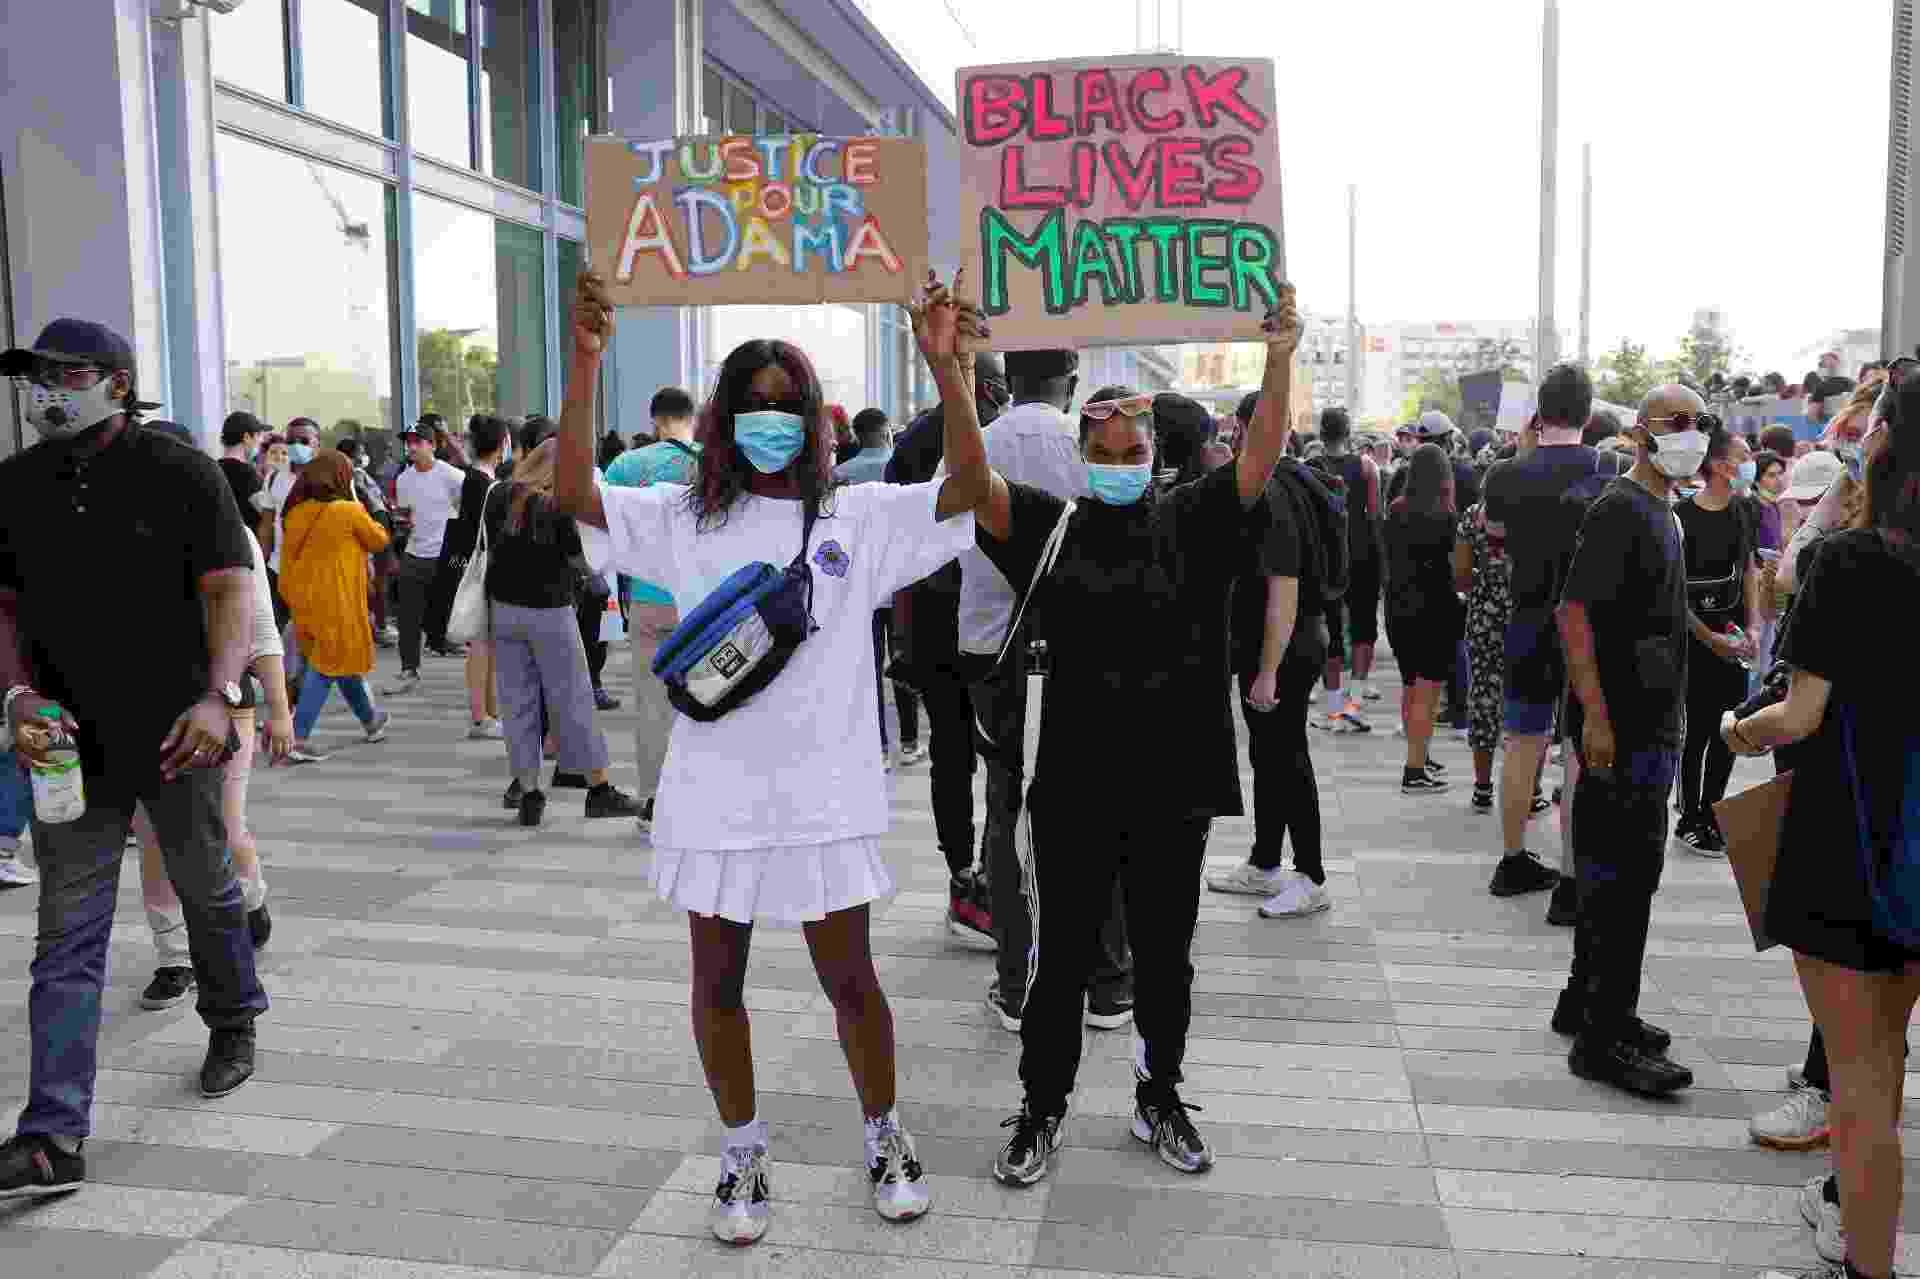 Milhares de pessoas tomam as ruas de Paris em manifestação contra o racismo, lembrando as mortes sob custódia policial de Adama Traoré, na França em 2016, e de George Floyd, nos EUA em 2020 - Pierre Suu/Getty Images